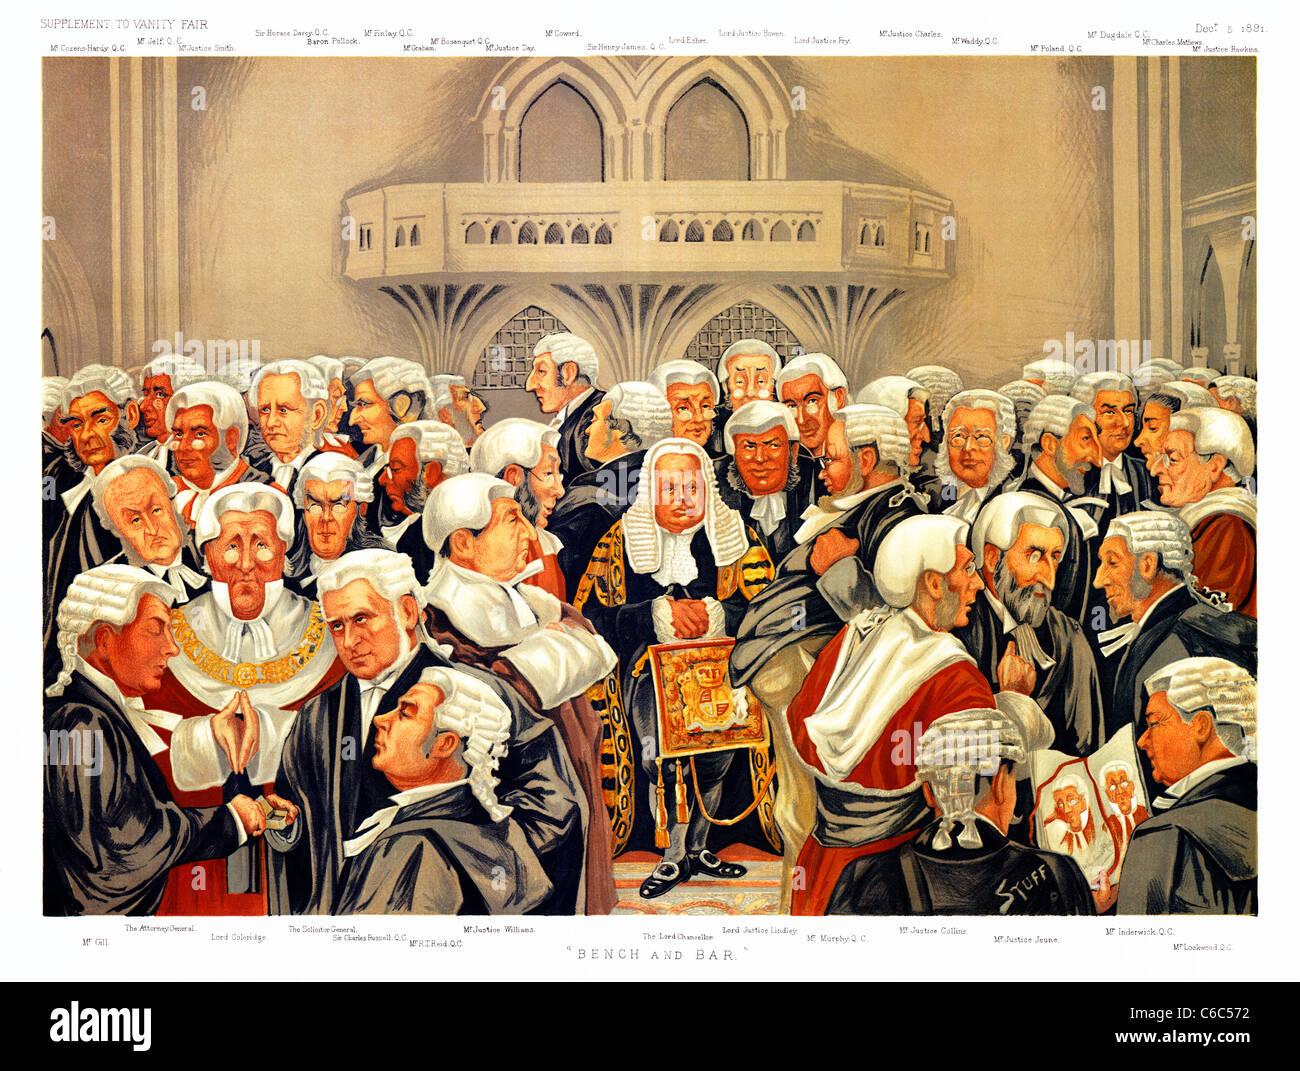 Banc et bar, 1891 caricature de trucs pour Vanity Fair avec les principaux avocats et juges d'Angleterre Photo Stock